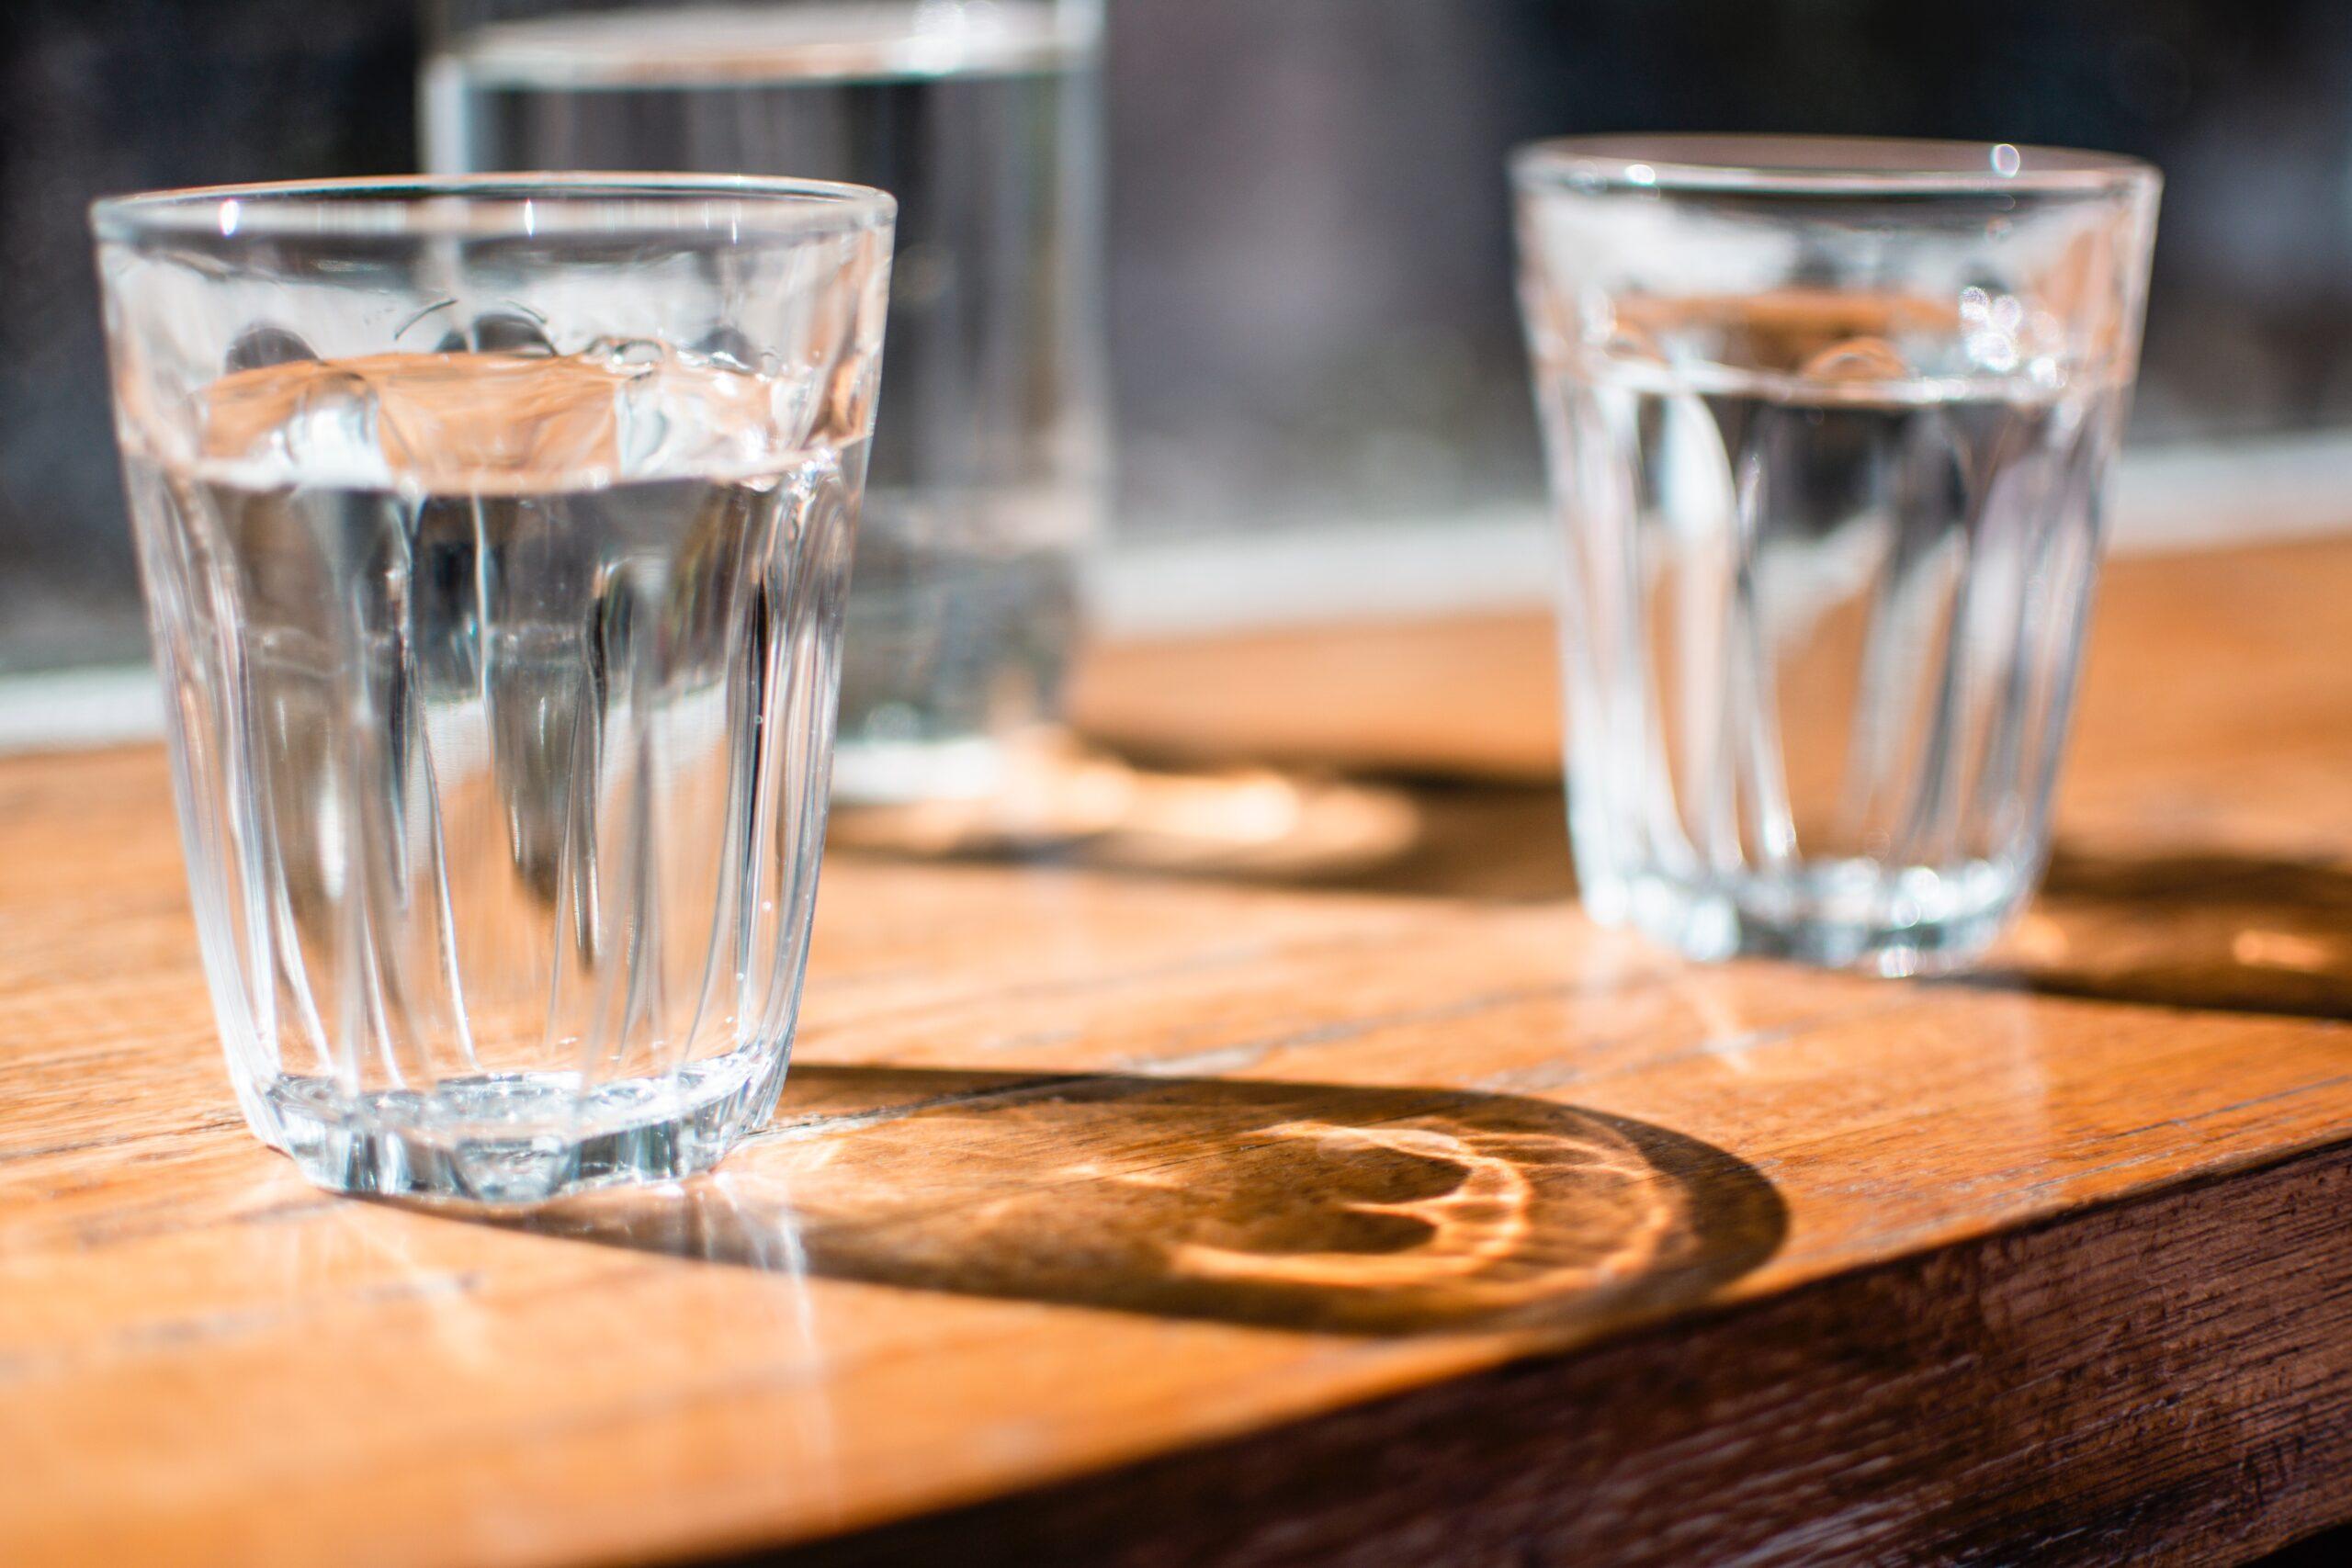 Undgå kalk i vandet med en kalk spalter